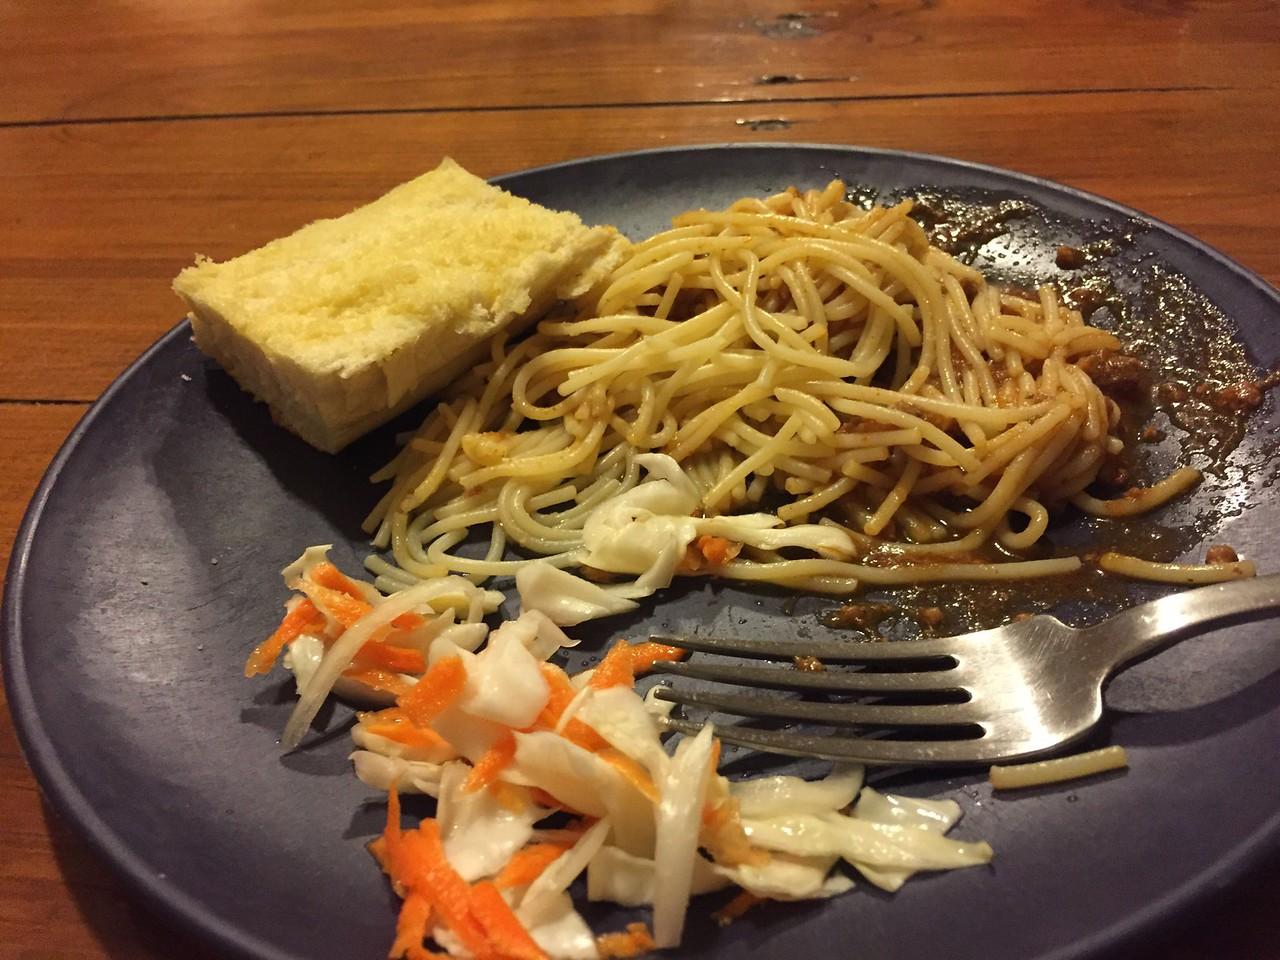 Spaghetti, garlic bread, picliz